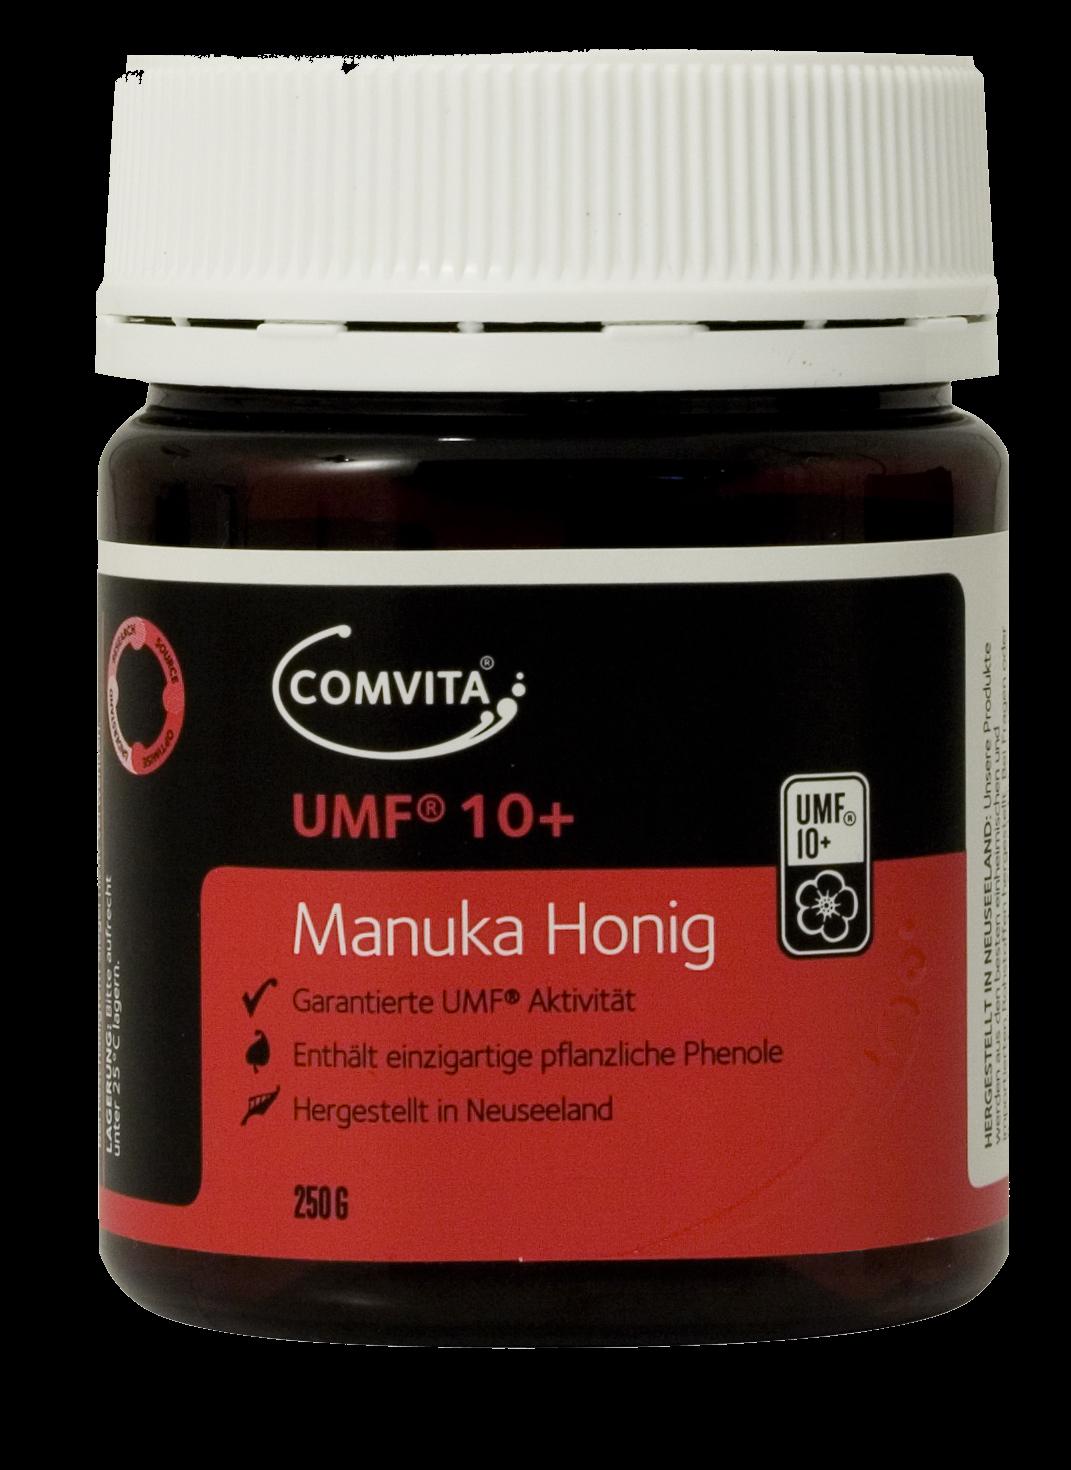 Manuka Honig UMF® 10+